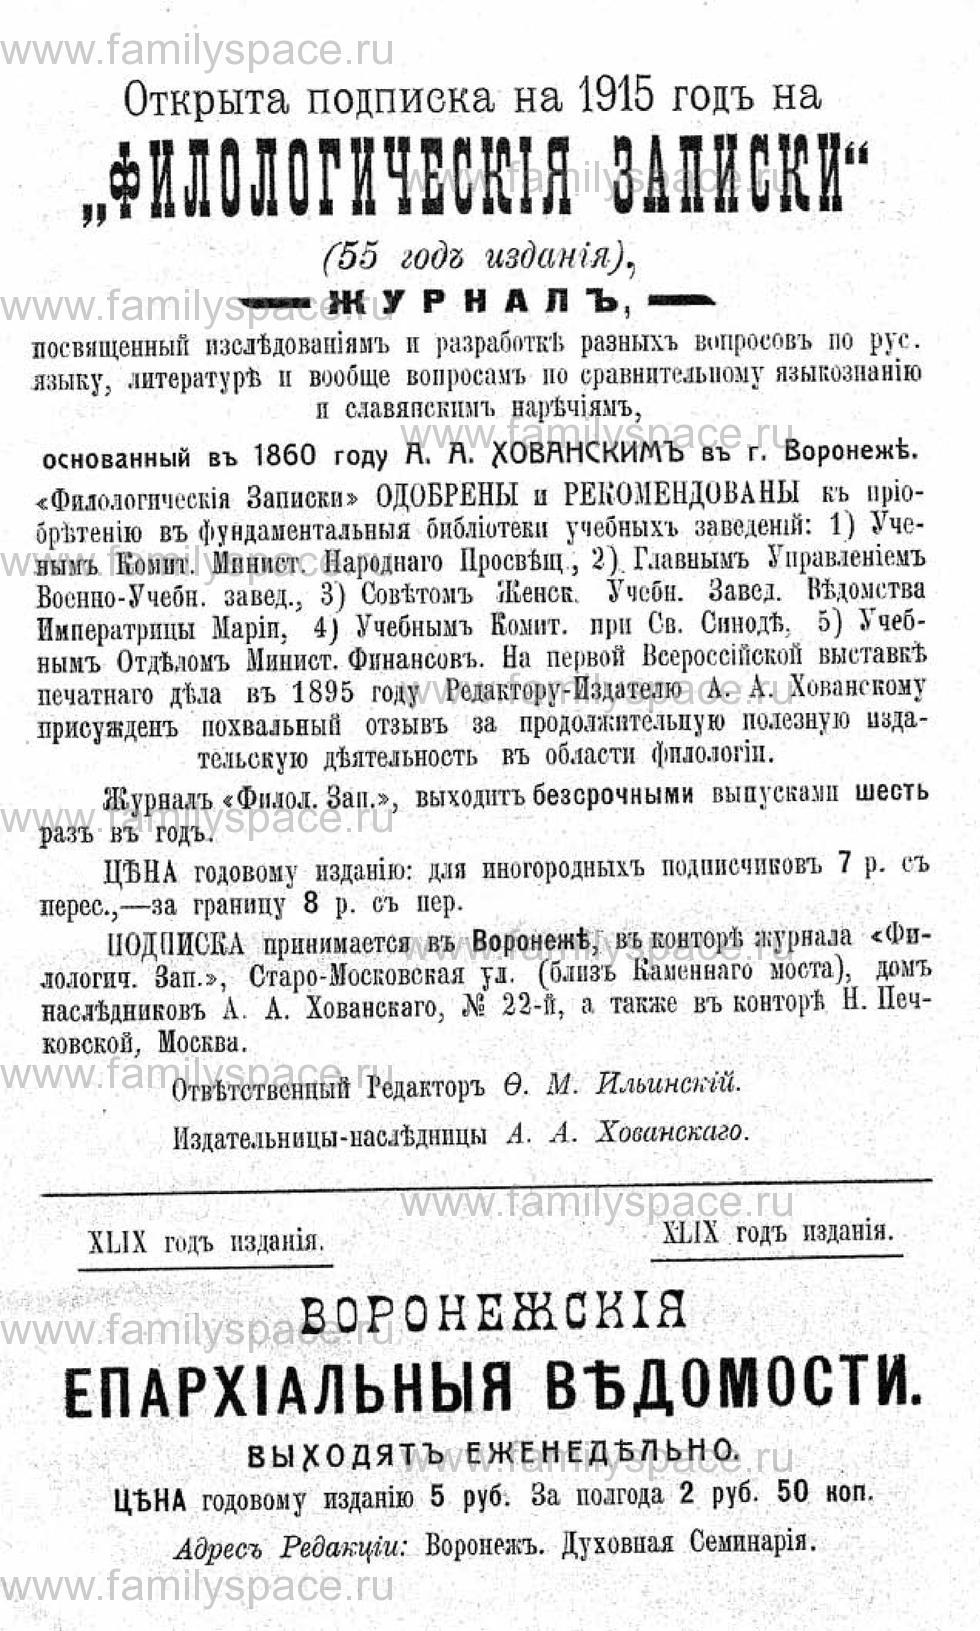 Поиск по фамилии - Памятная книжка Воронежской губернии на 1915 год, страница 6003